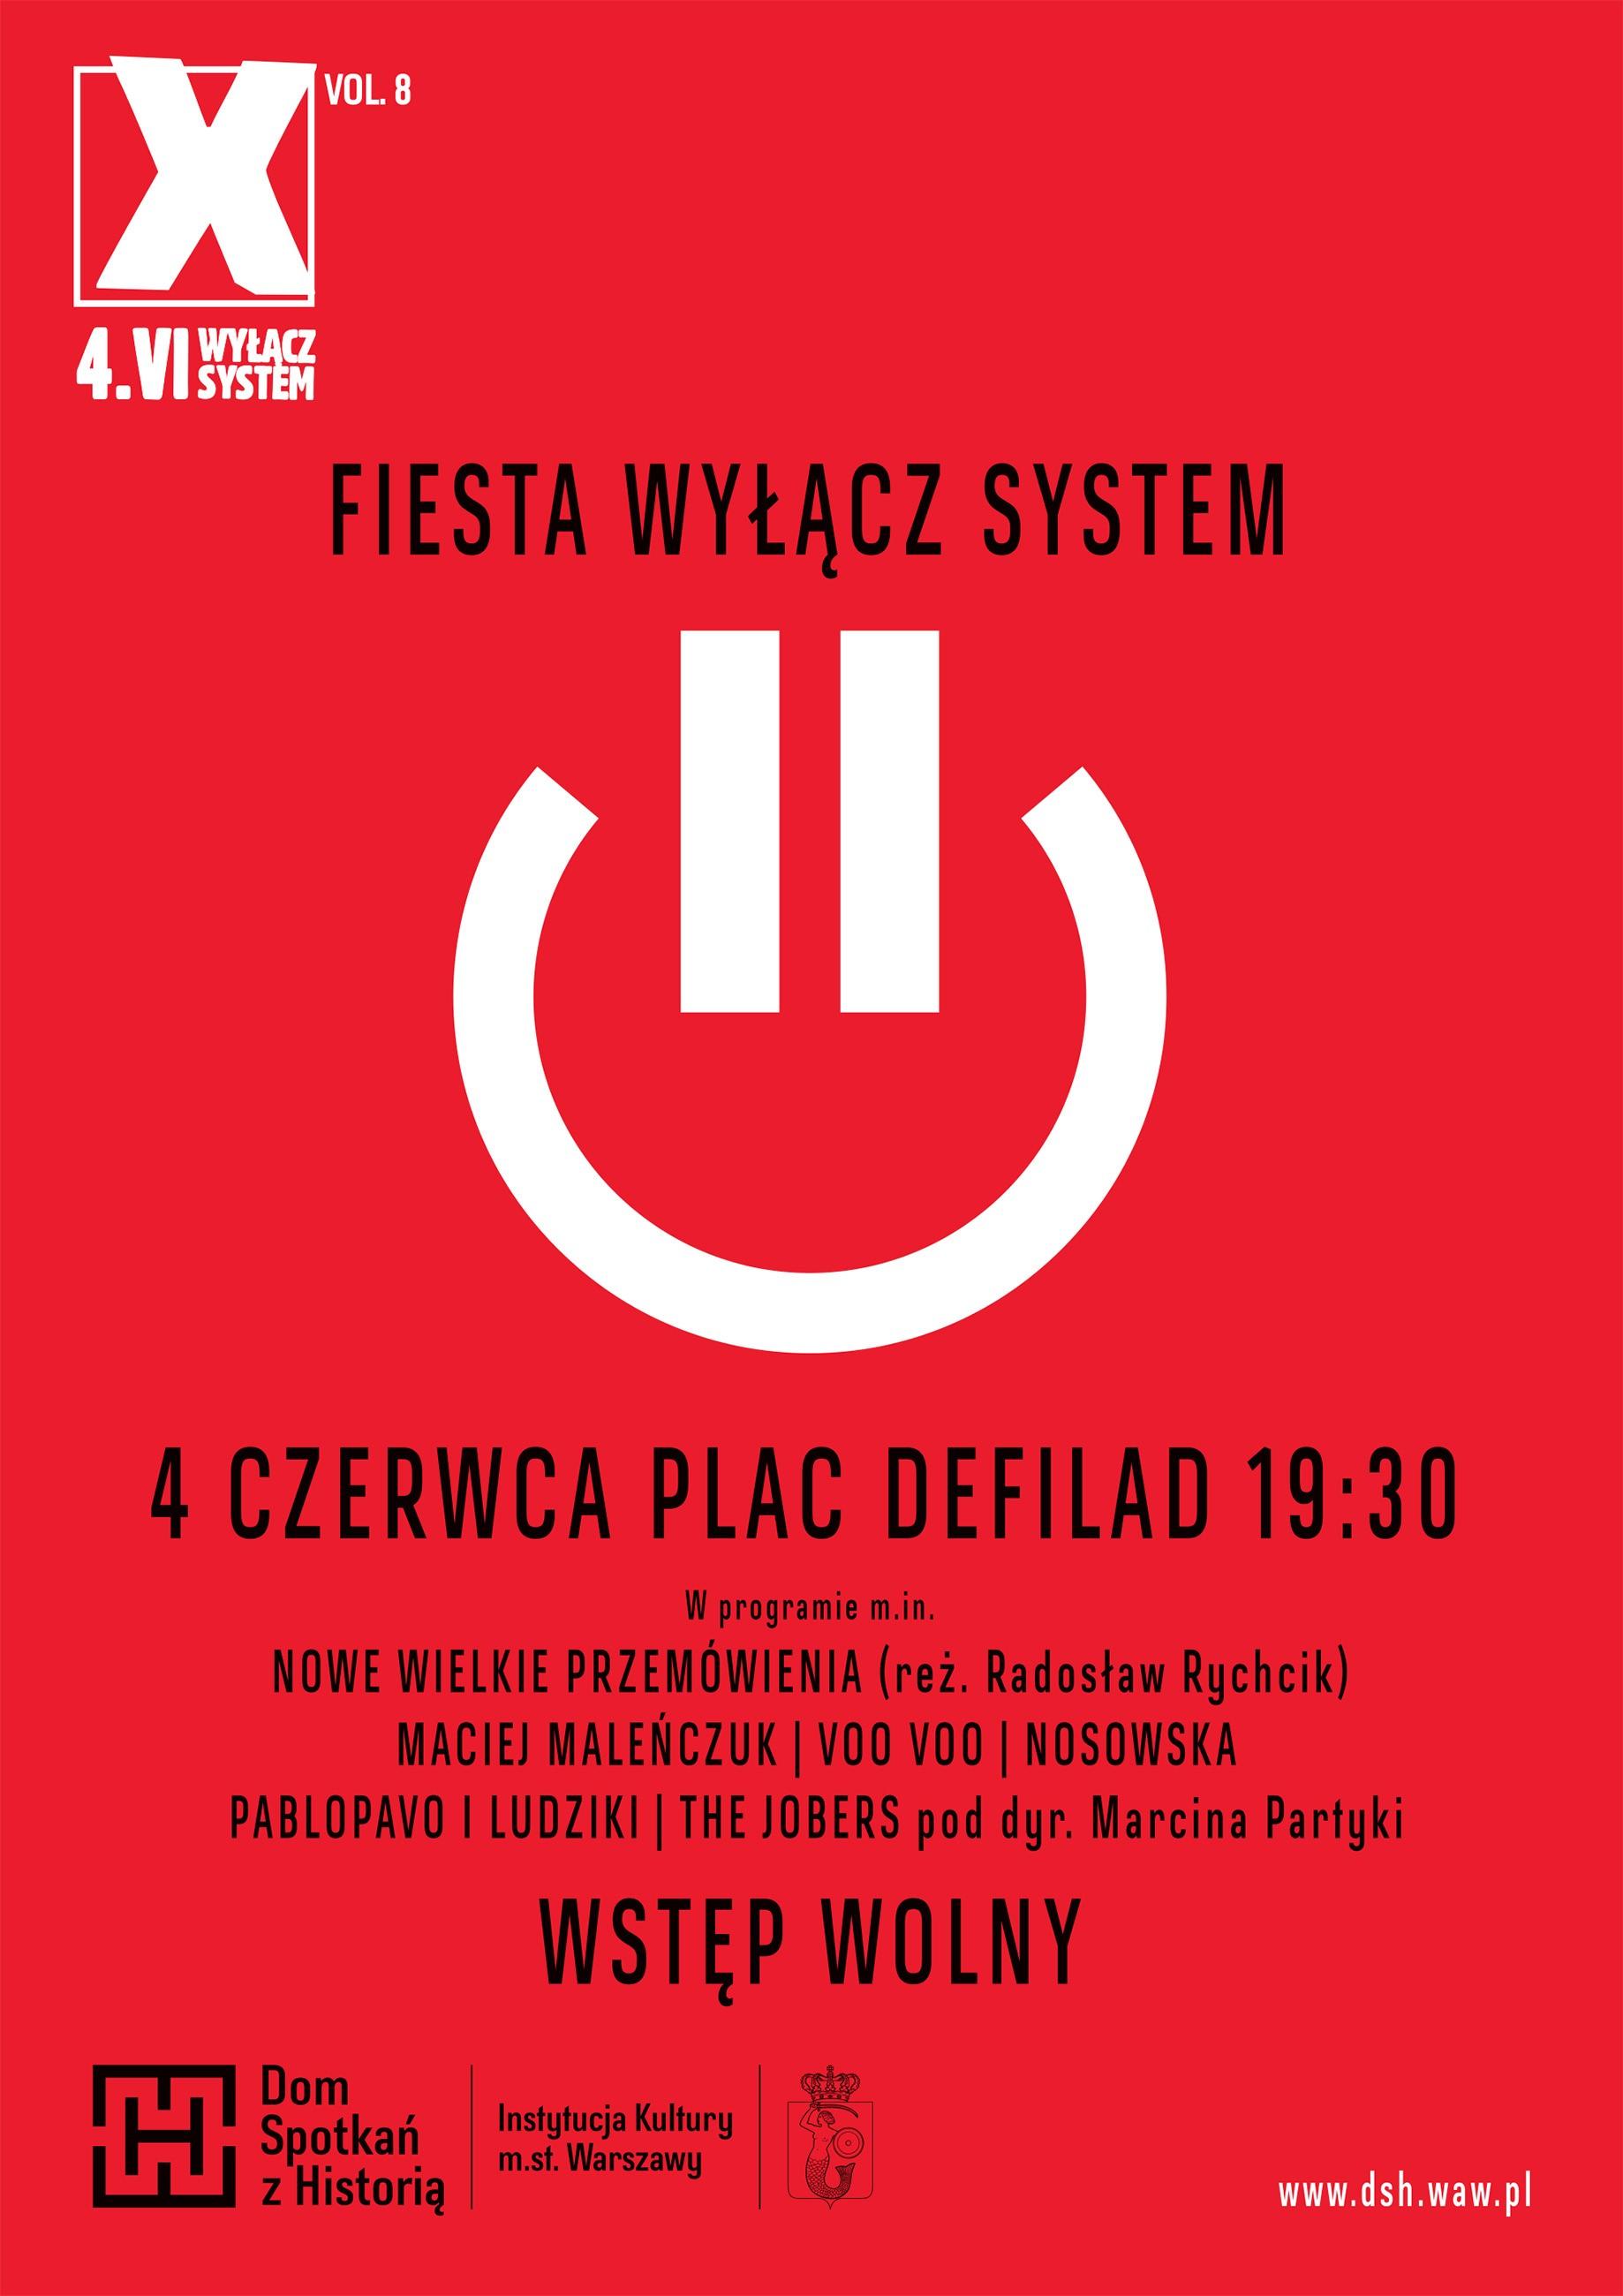 """""""Święto Wolności: festiwal Wyłącz System vol. 8"""" – plakat (źródło: materiały prasowe organizatora)"""